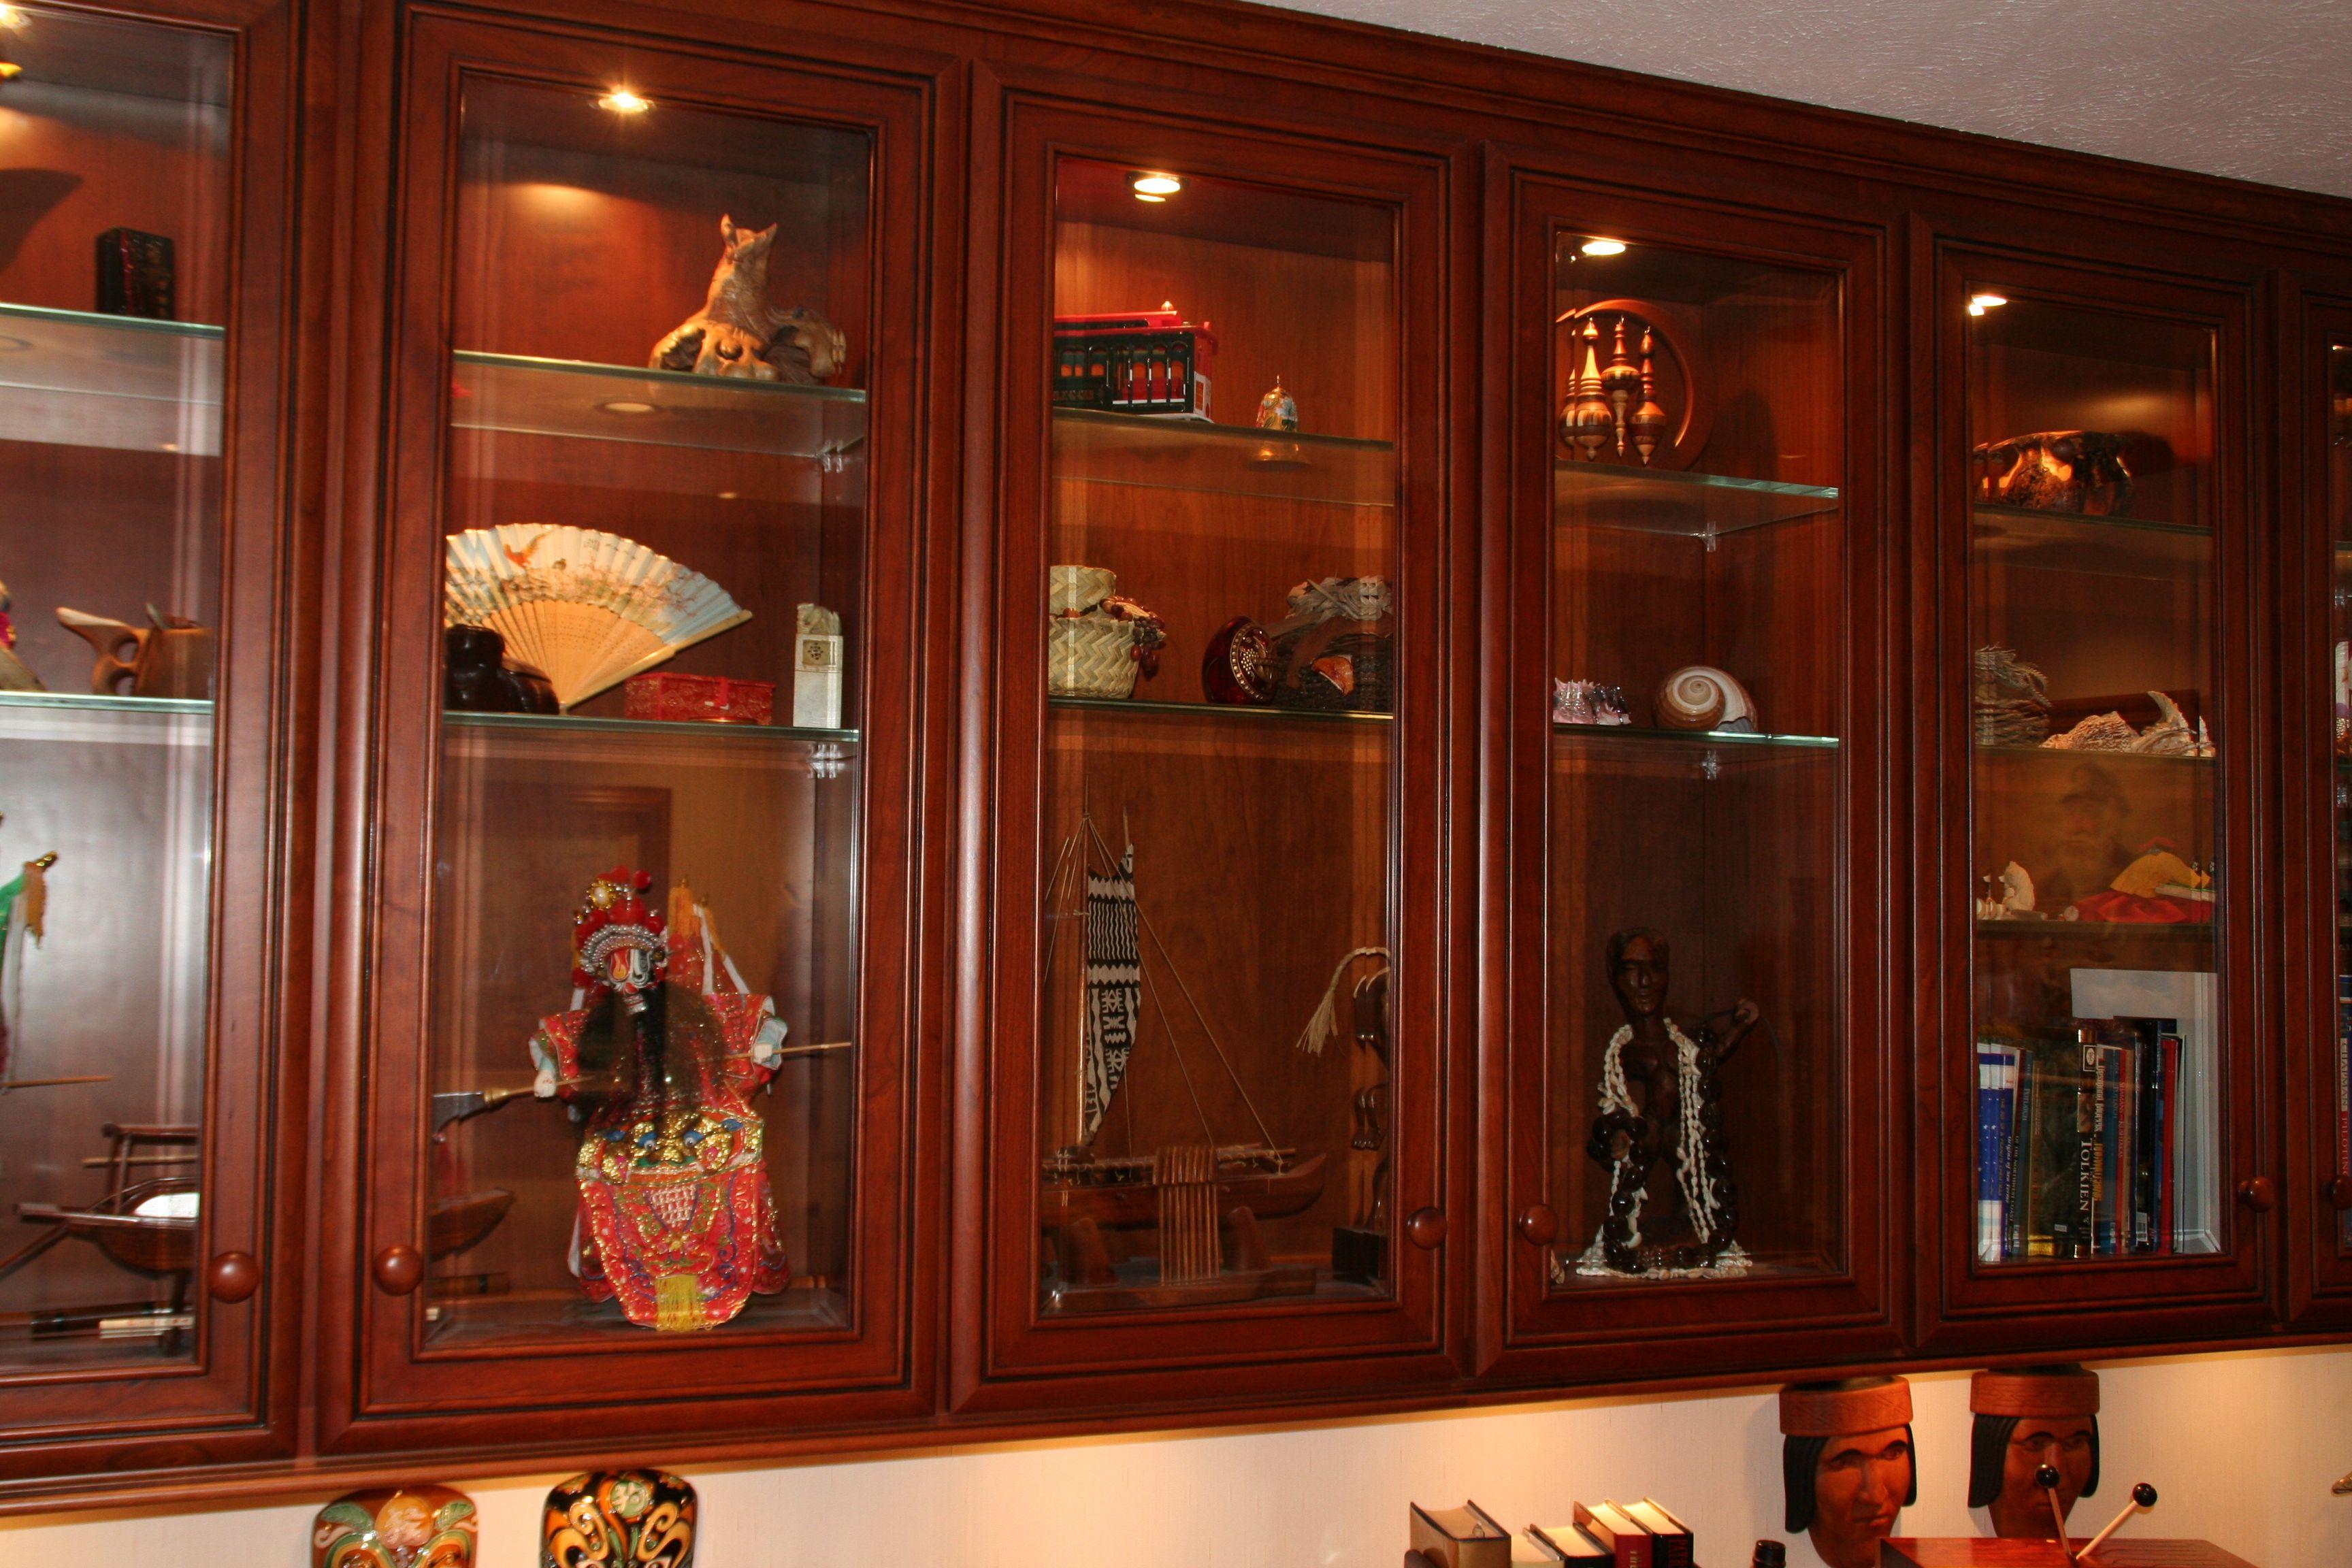 Küchenschrank Glas Bogen Tür - Schlafzimmer Überprüfen Sie mehr ...